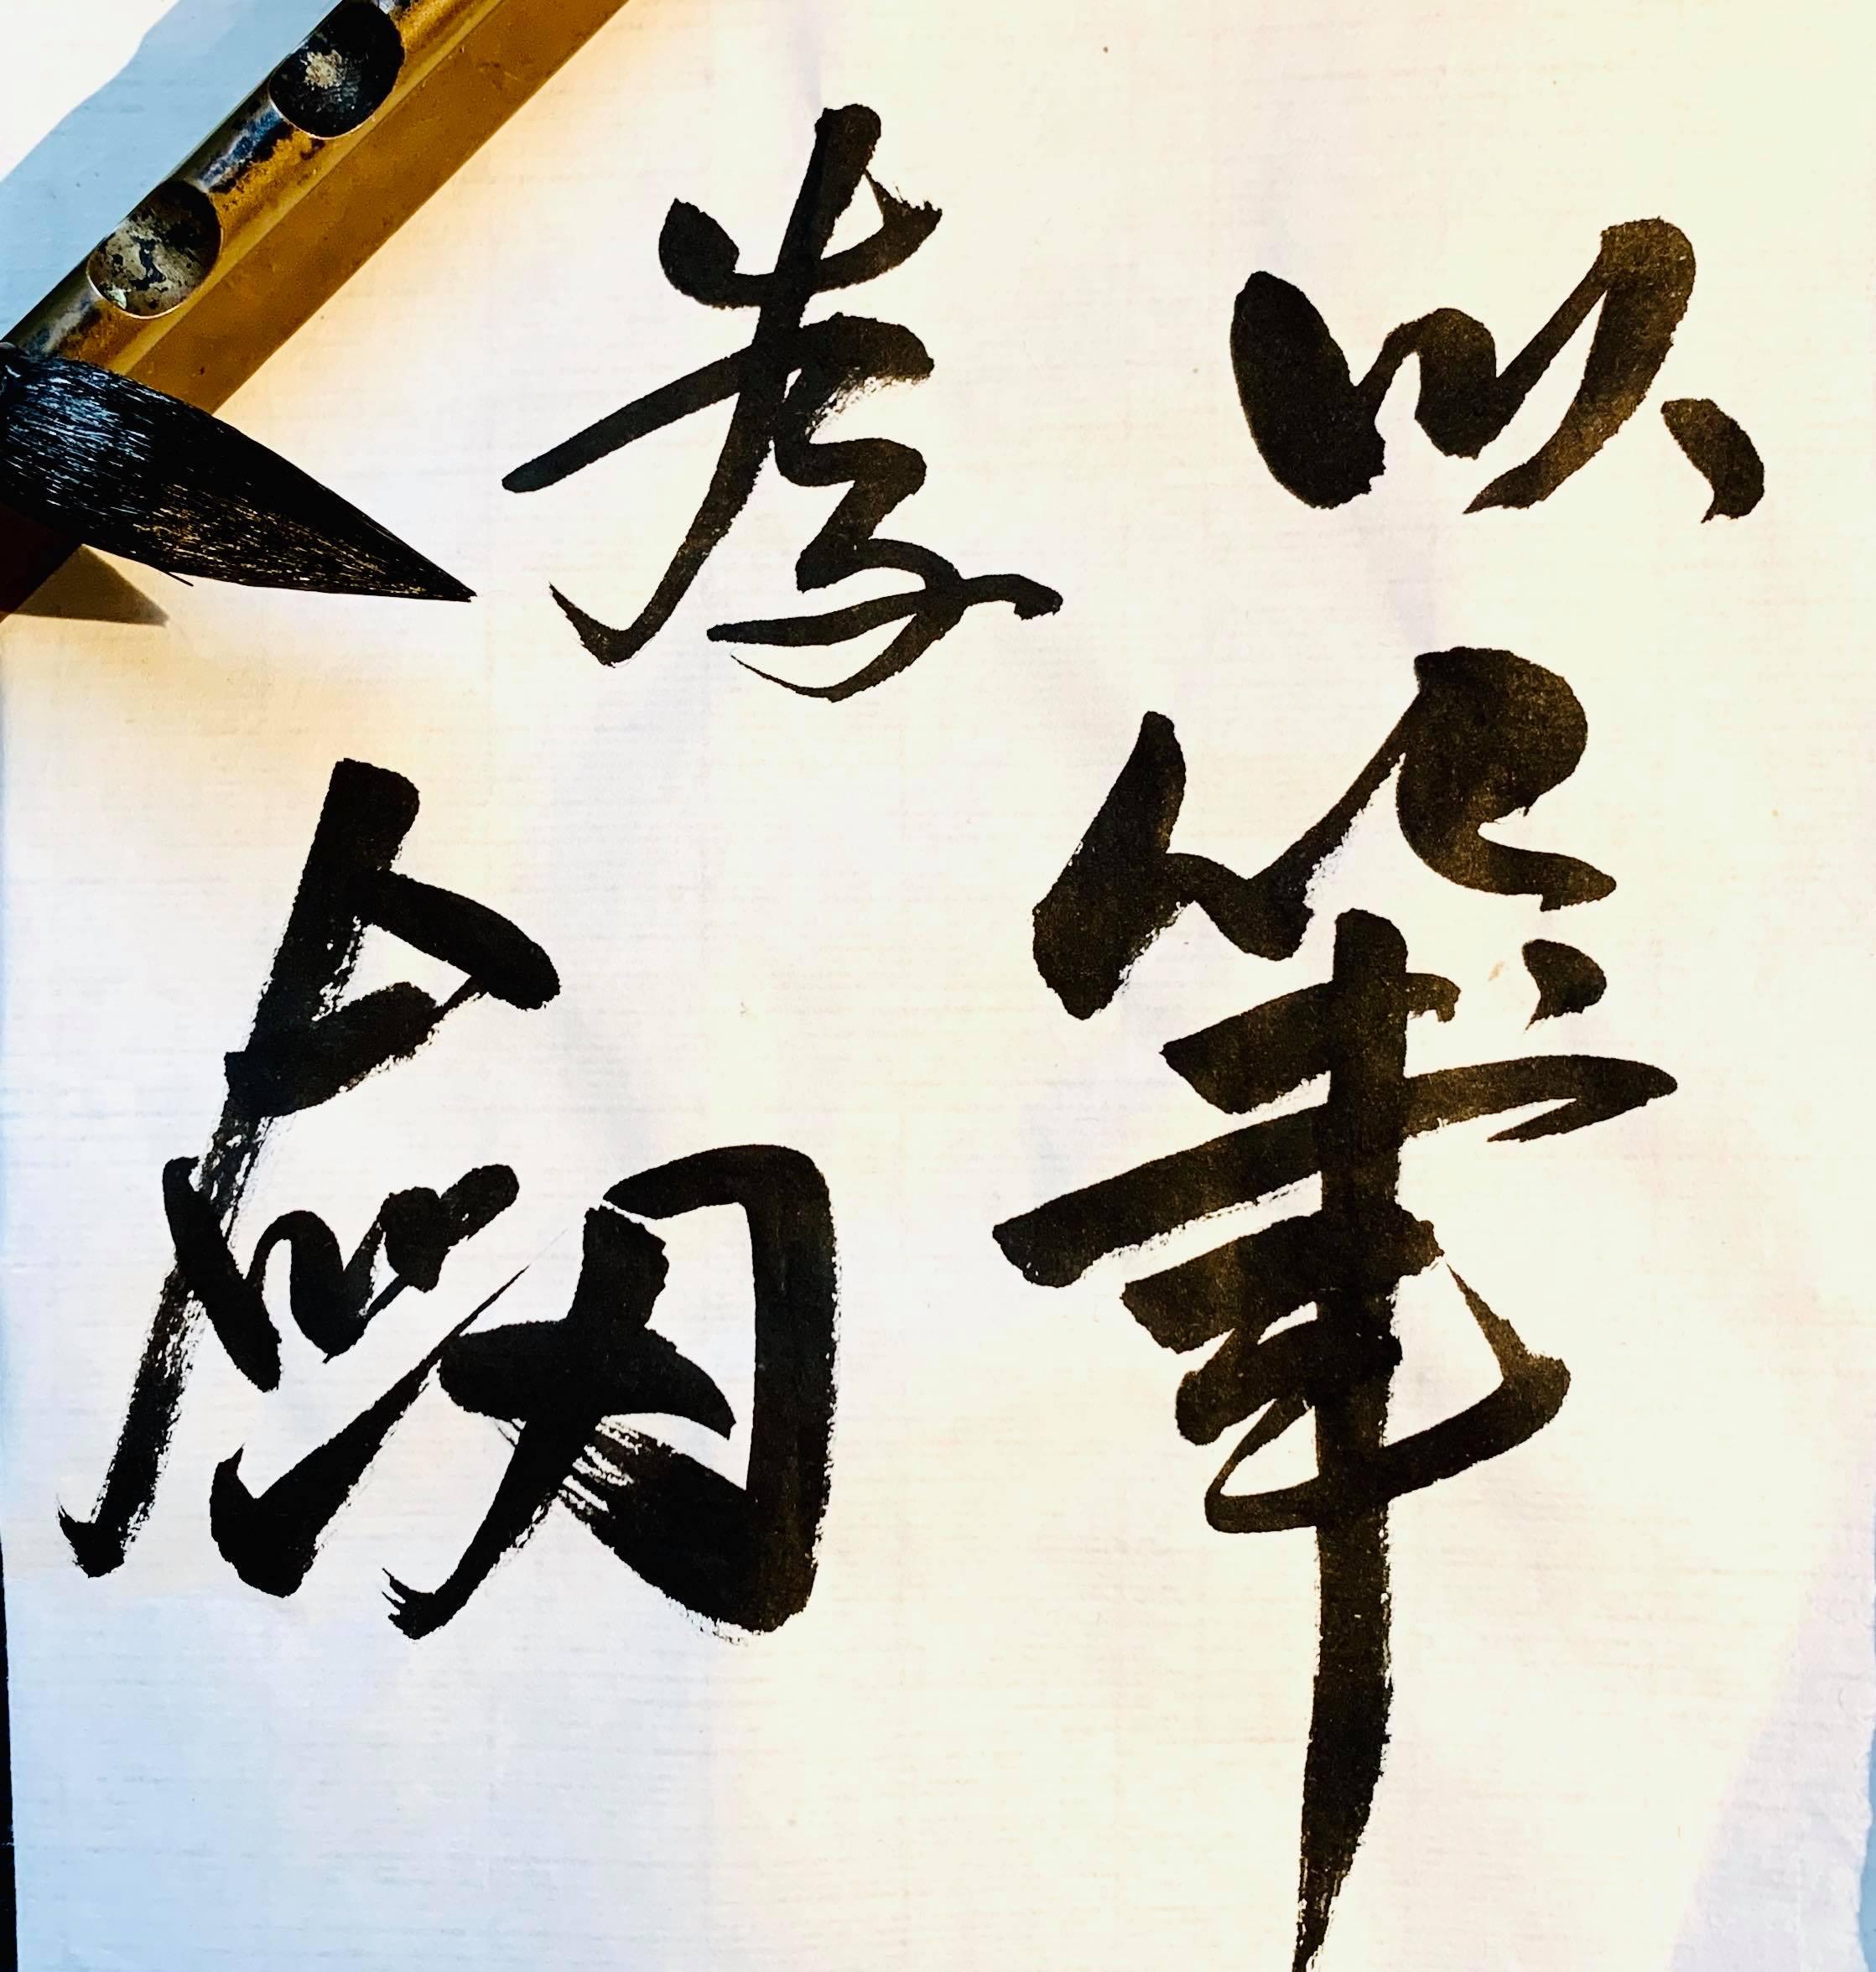 專欄作家 - 陳述恩